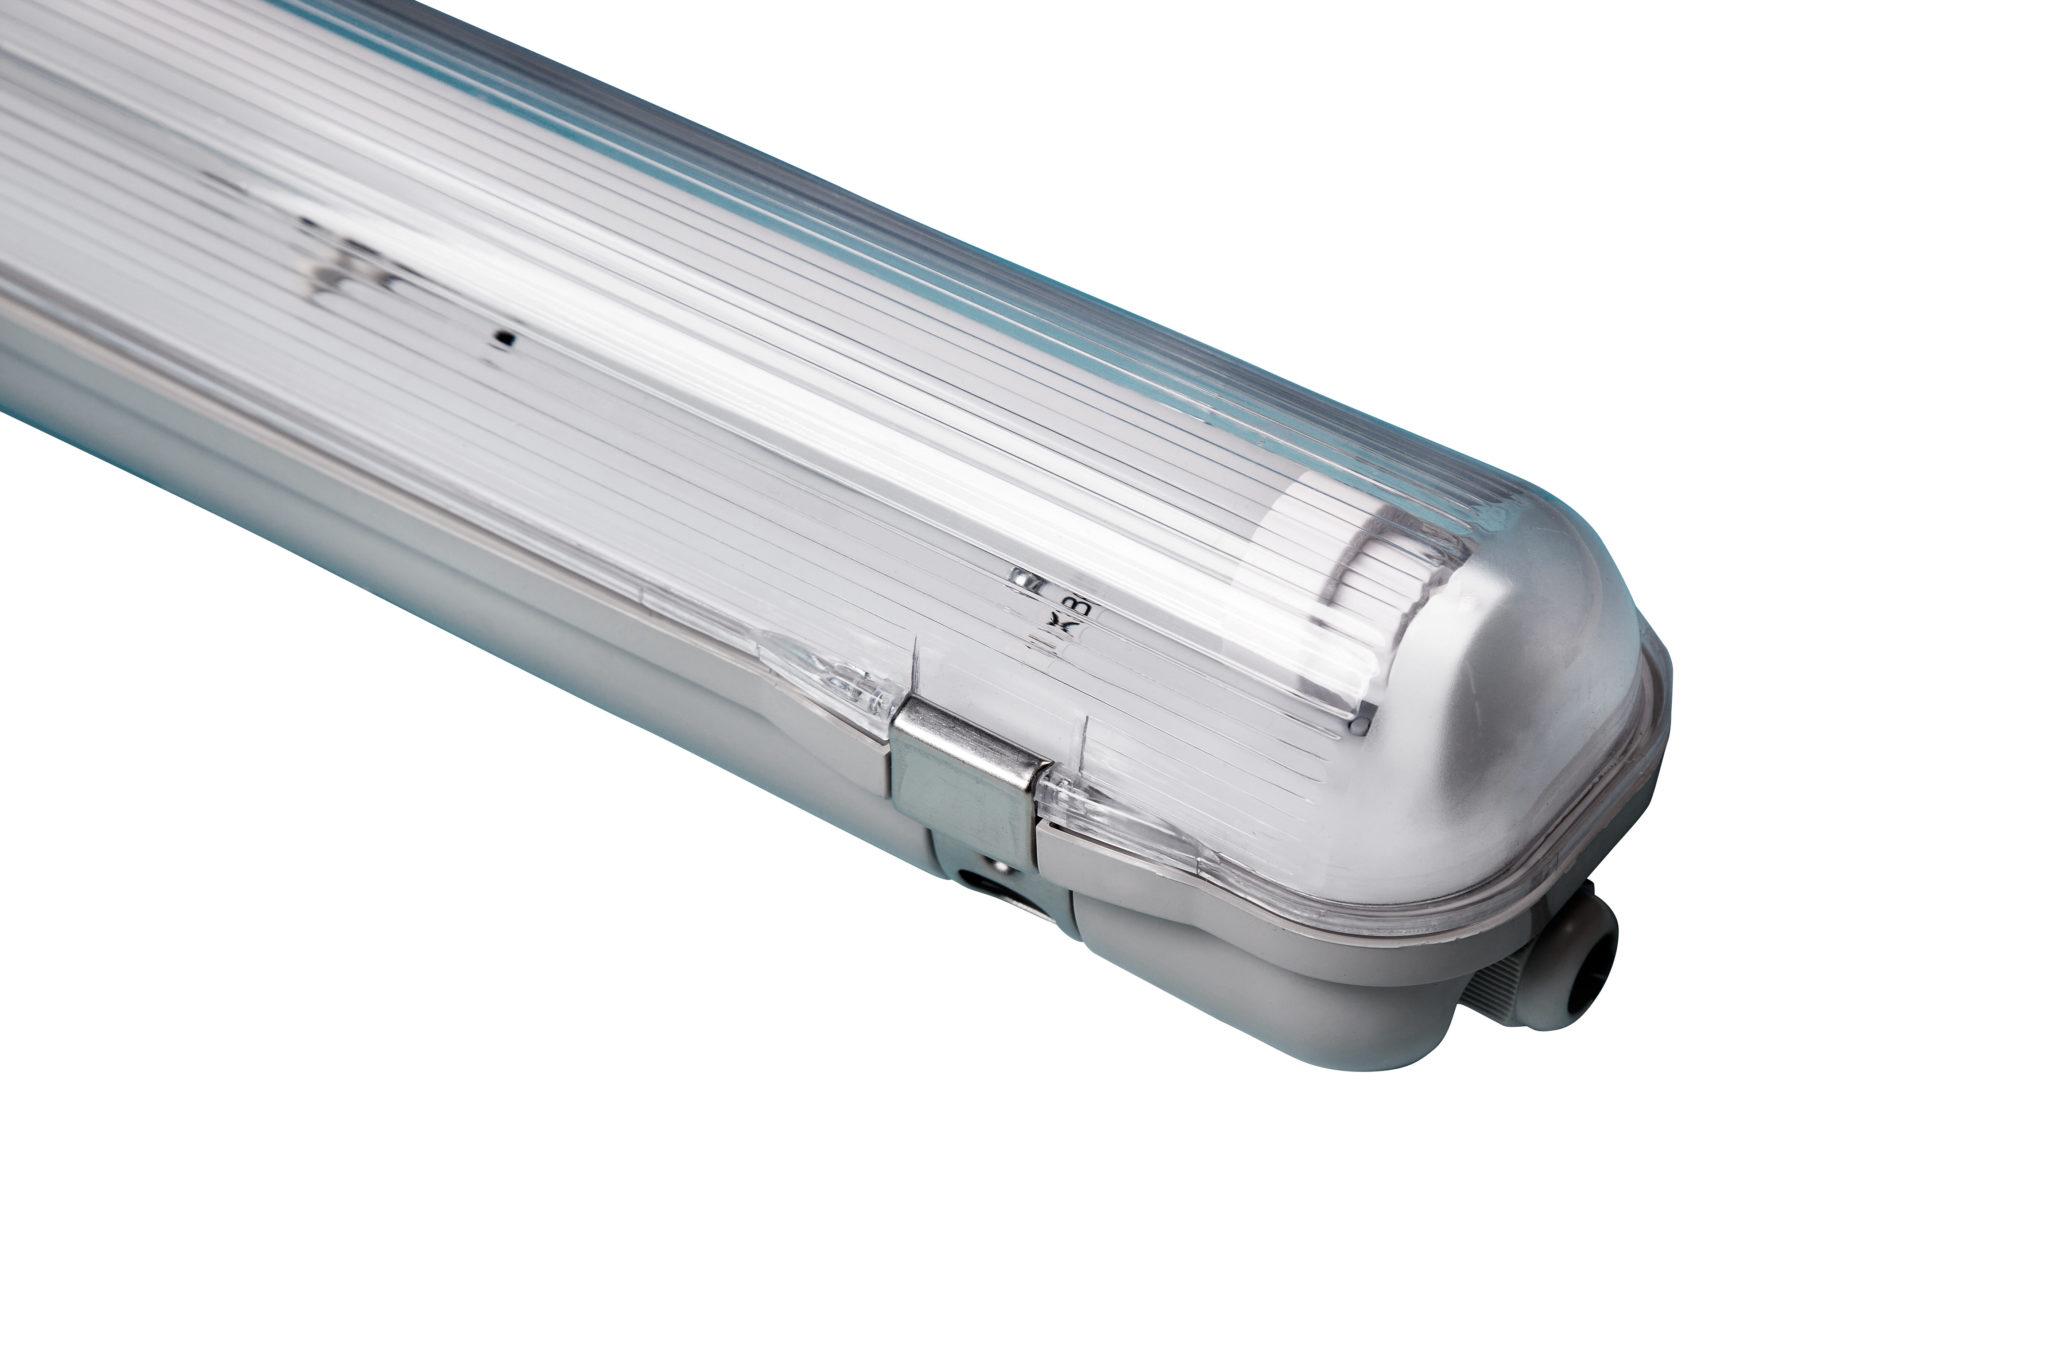 LED basic 1*18 Watt LED Stallbeleuchtung Geflügel LED Stalverlichting kippen LED d'éclairage Volaille LED barn lighting broilers